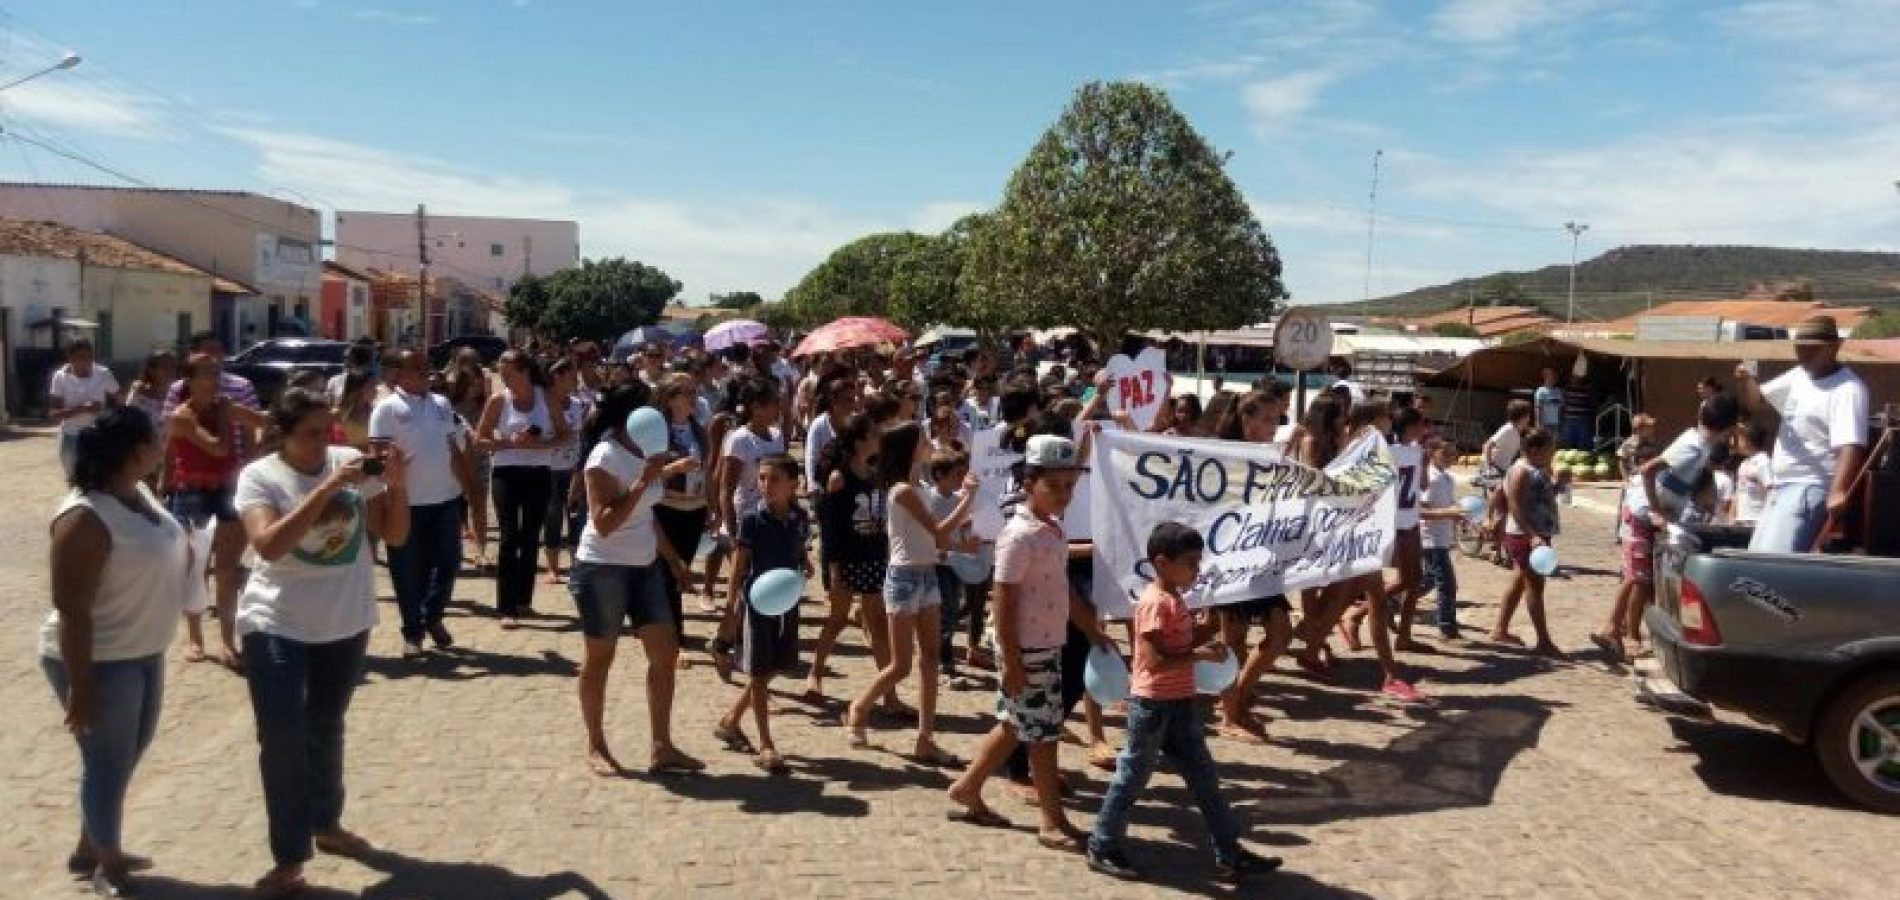 Após estupro de menina, moradores fazem manifestação em São Francisco de Assis